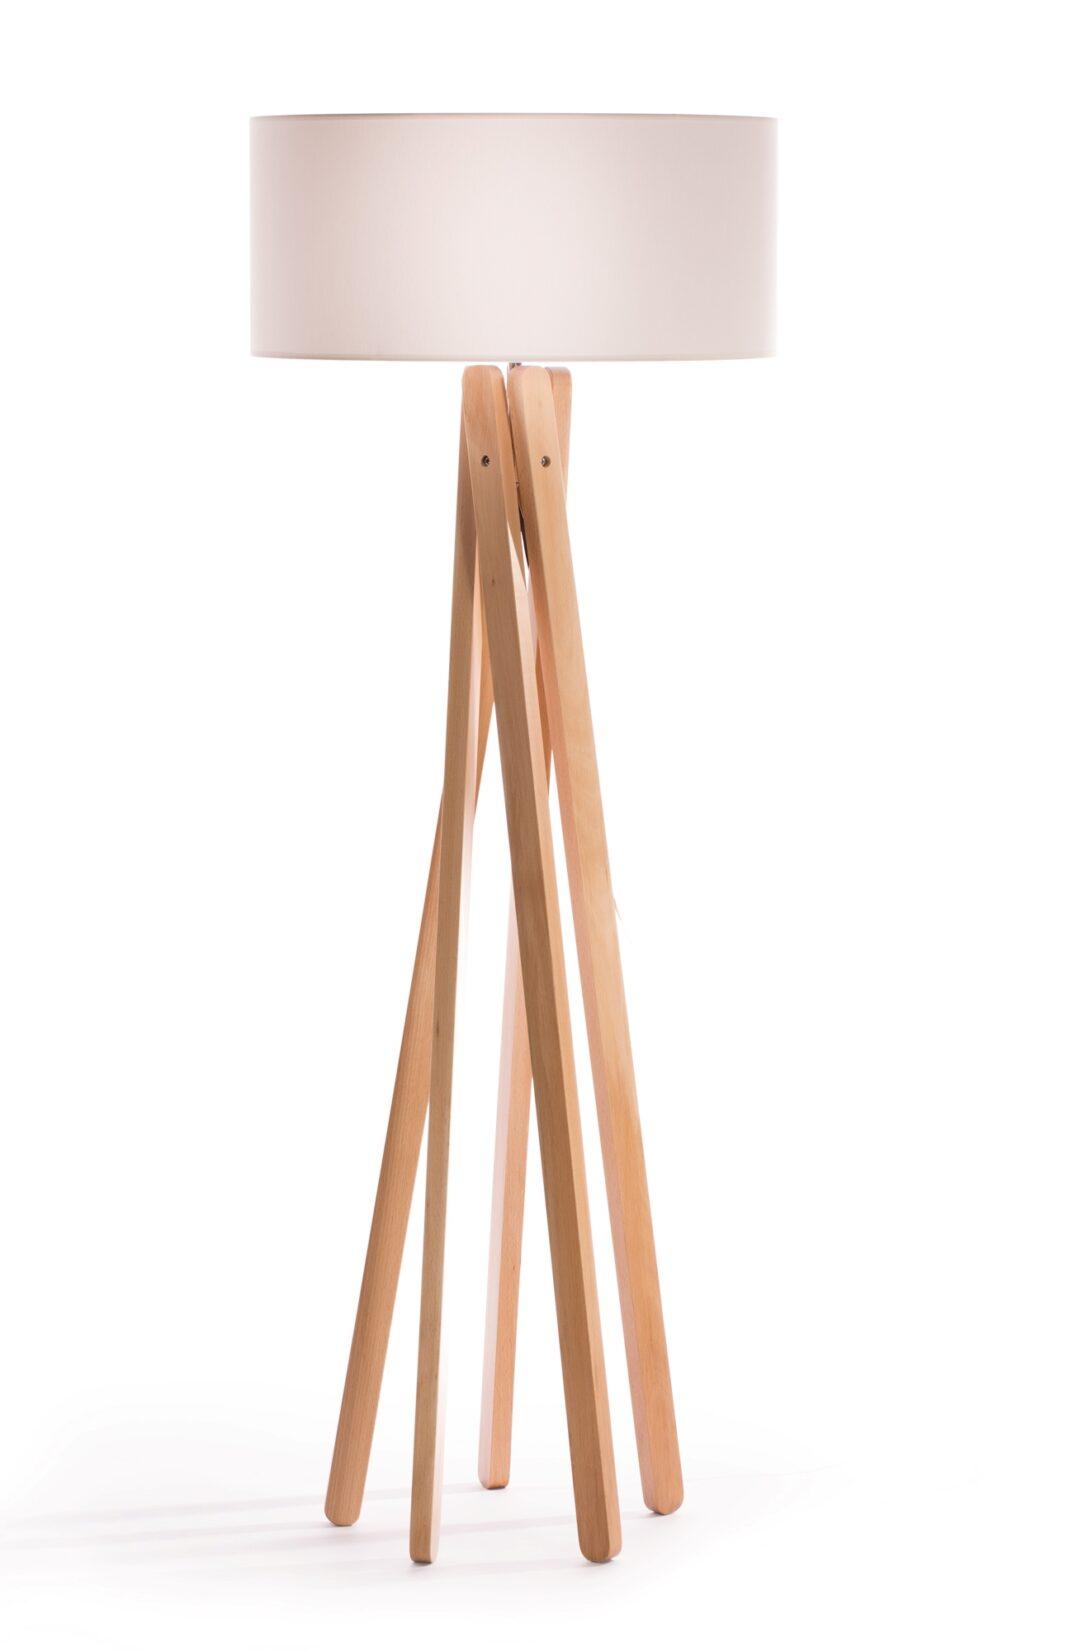 Large Size of Design Stehlampe Holz Hängeschrank Weiß Hochglanz Wohnzimmer Rollo Holztisch Garten Lampe Großes Bild Lampen Esstisch Deckenleuchten Schrankwand Wohnzimmer Wohnzimmer Lampe Holz